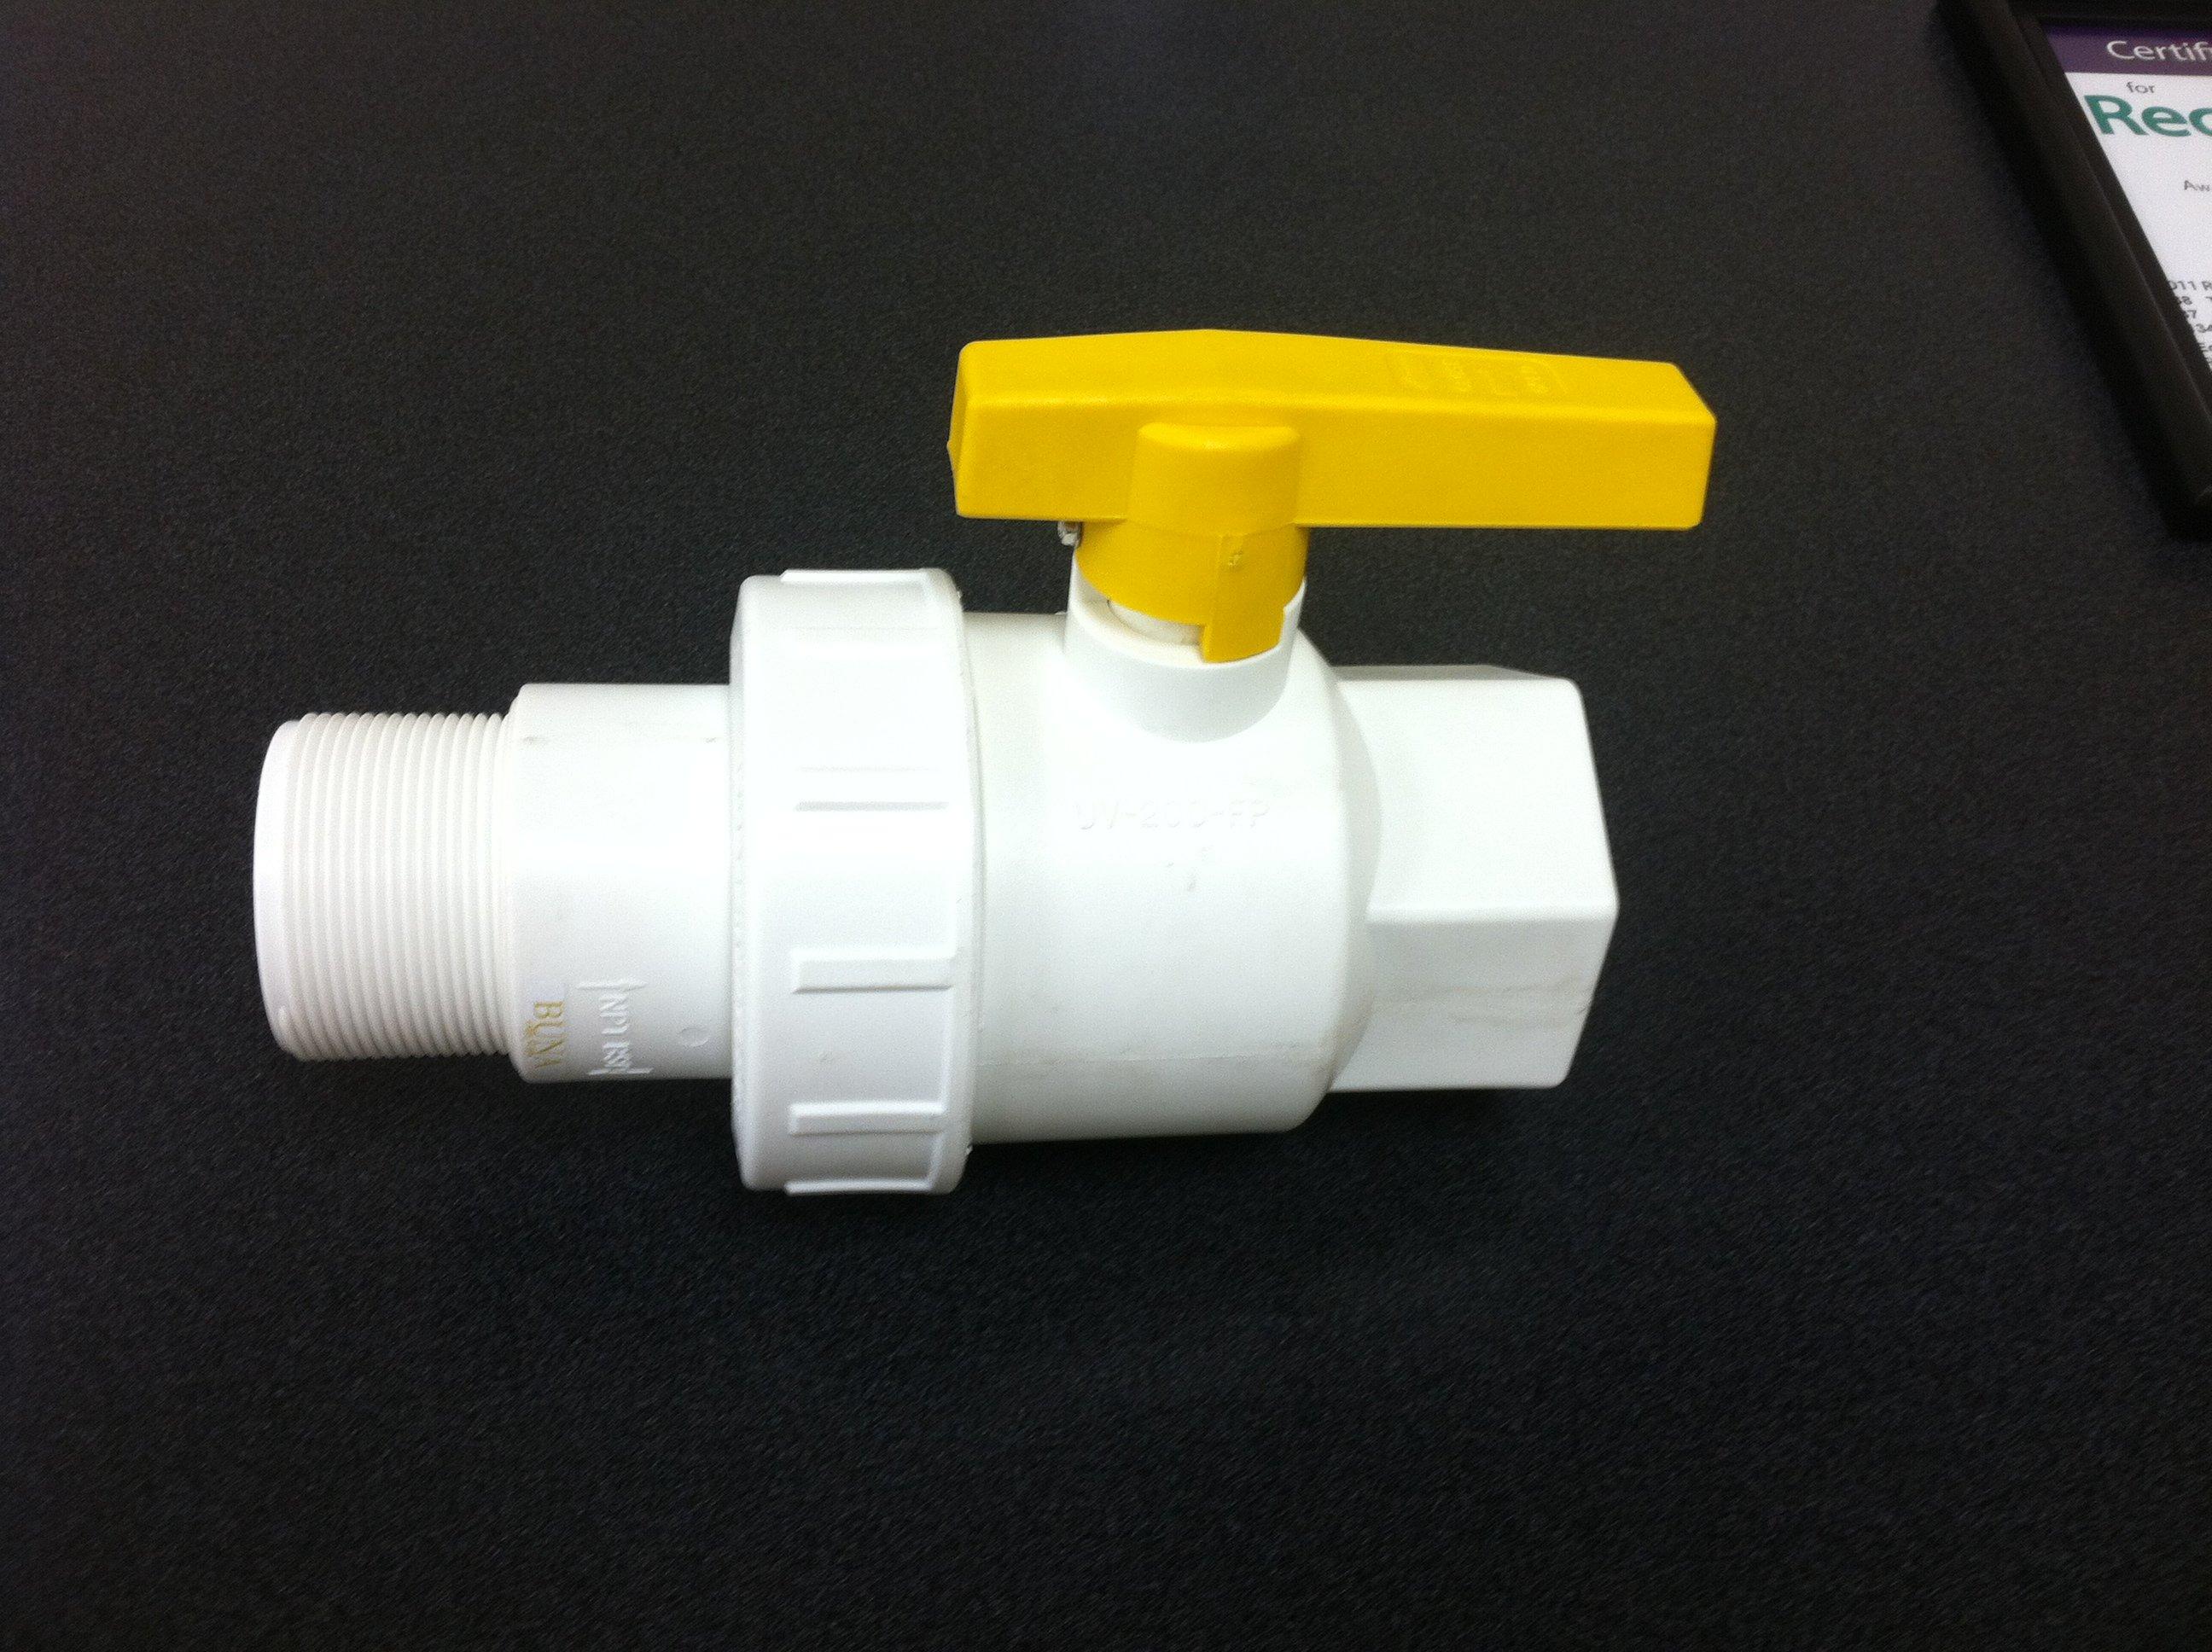 2 inch FDA valve for liquid totes